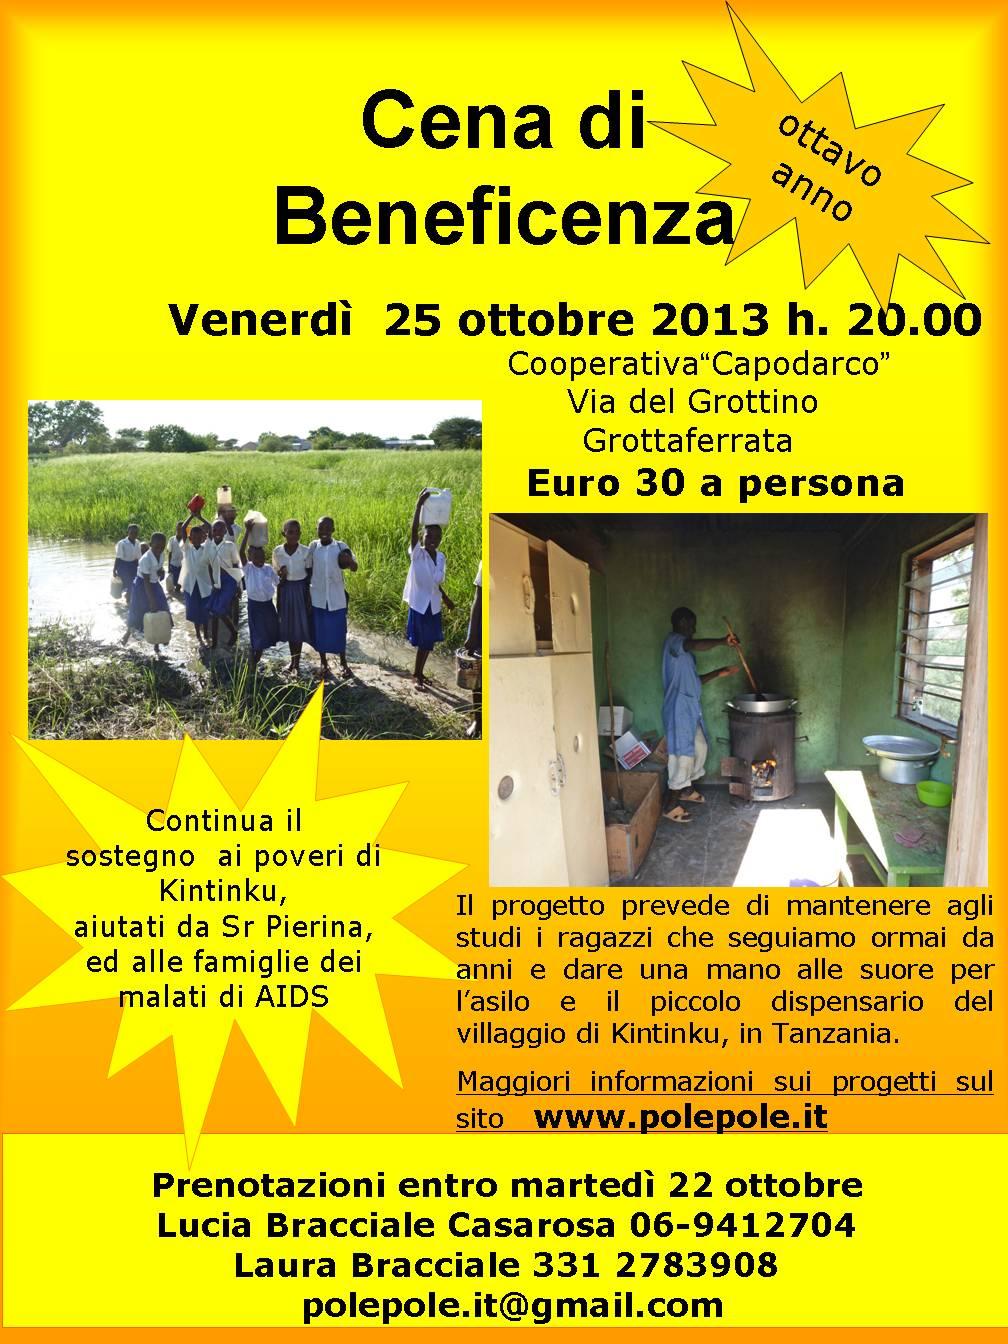 Cena di Beneficenza2013